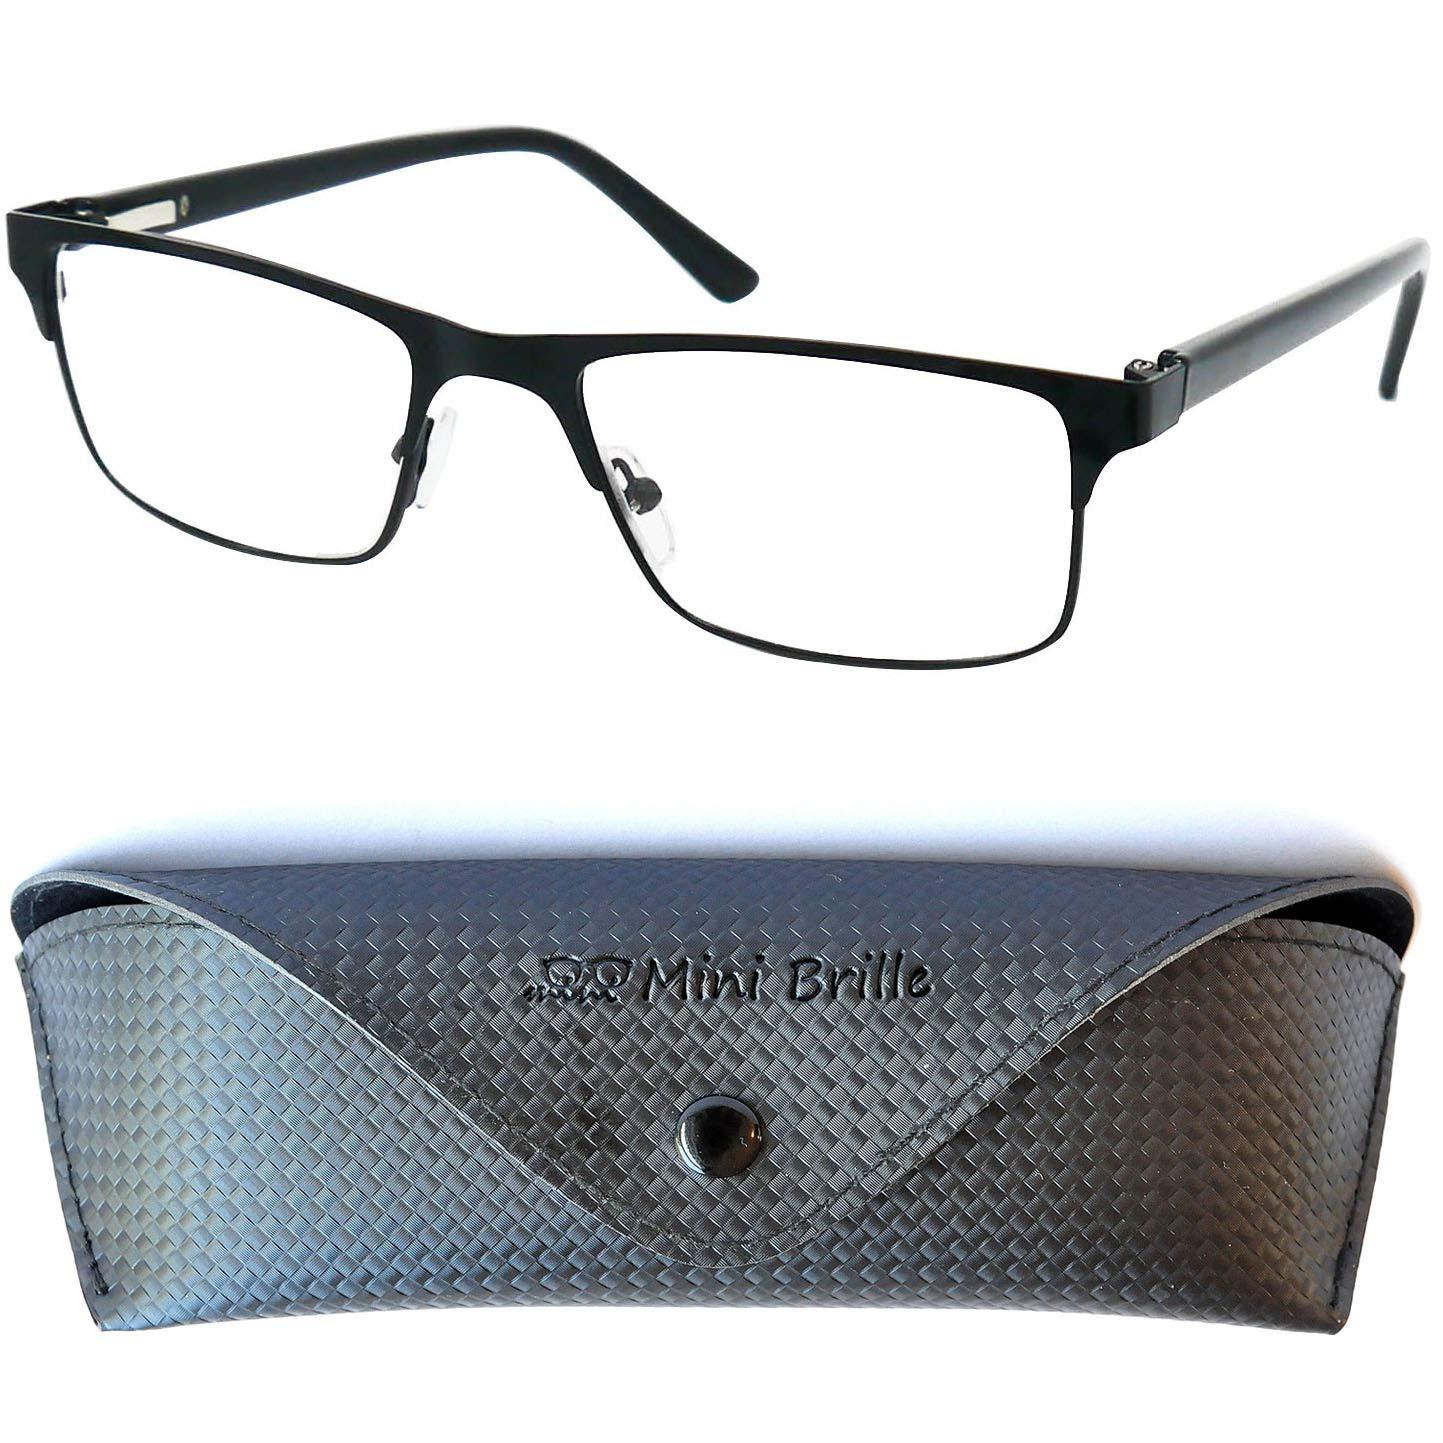 f6206372fe Gafas de Lectura con Cristales Rectangulares | Montura de Acero Inoxidable  (Negra) | Funda